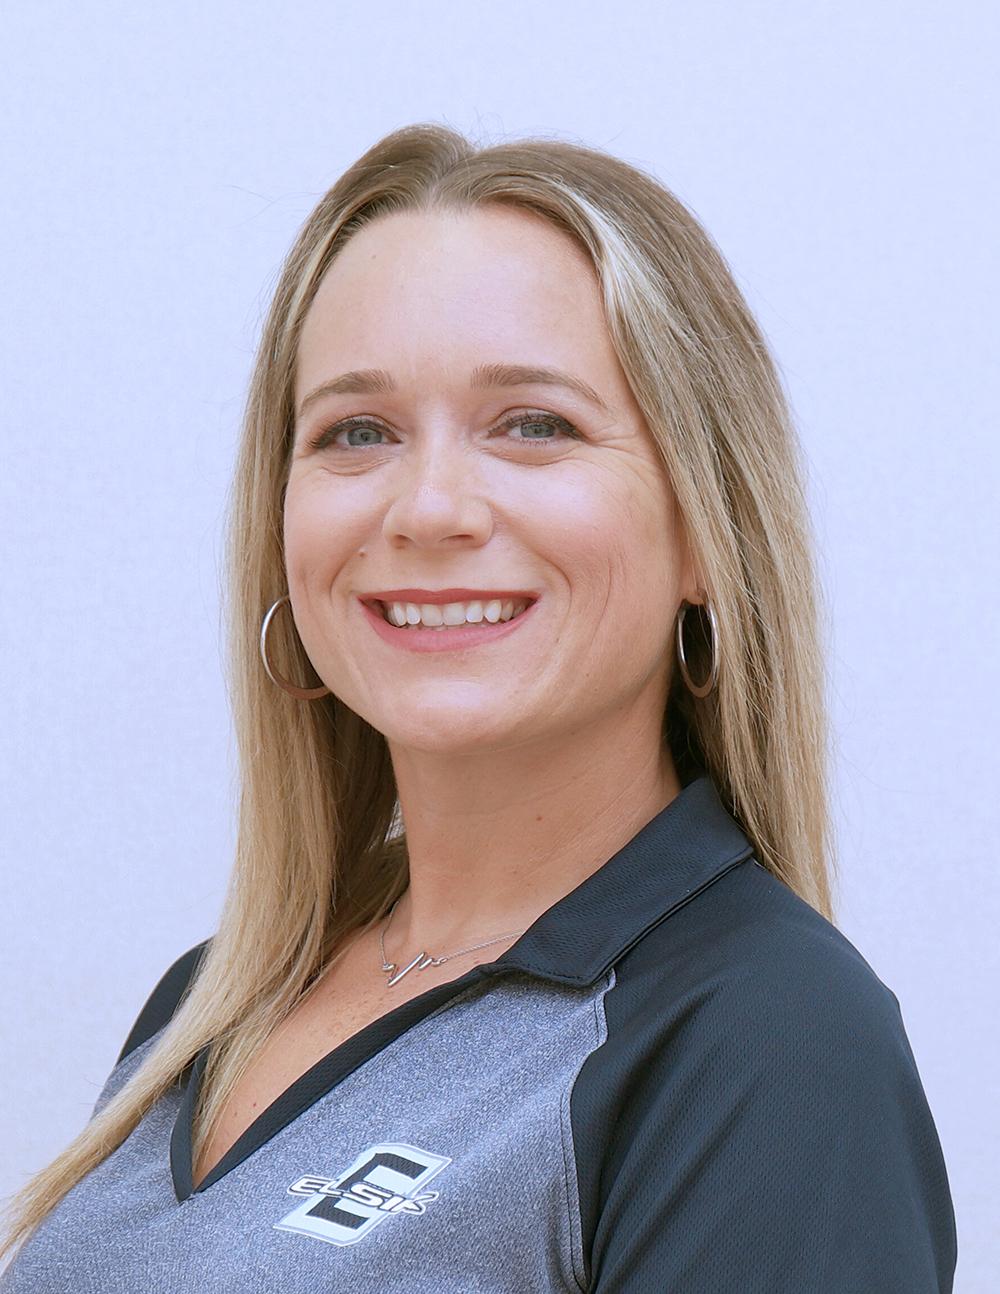 Amber Glynn